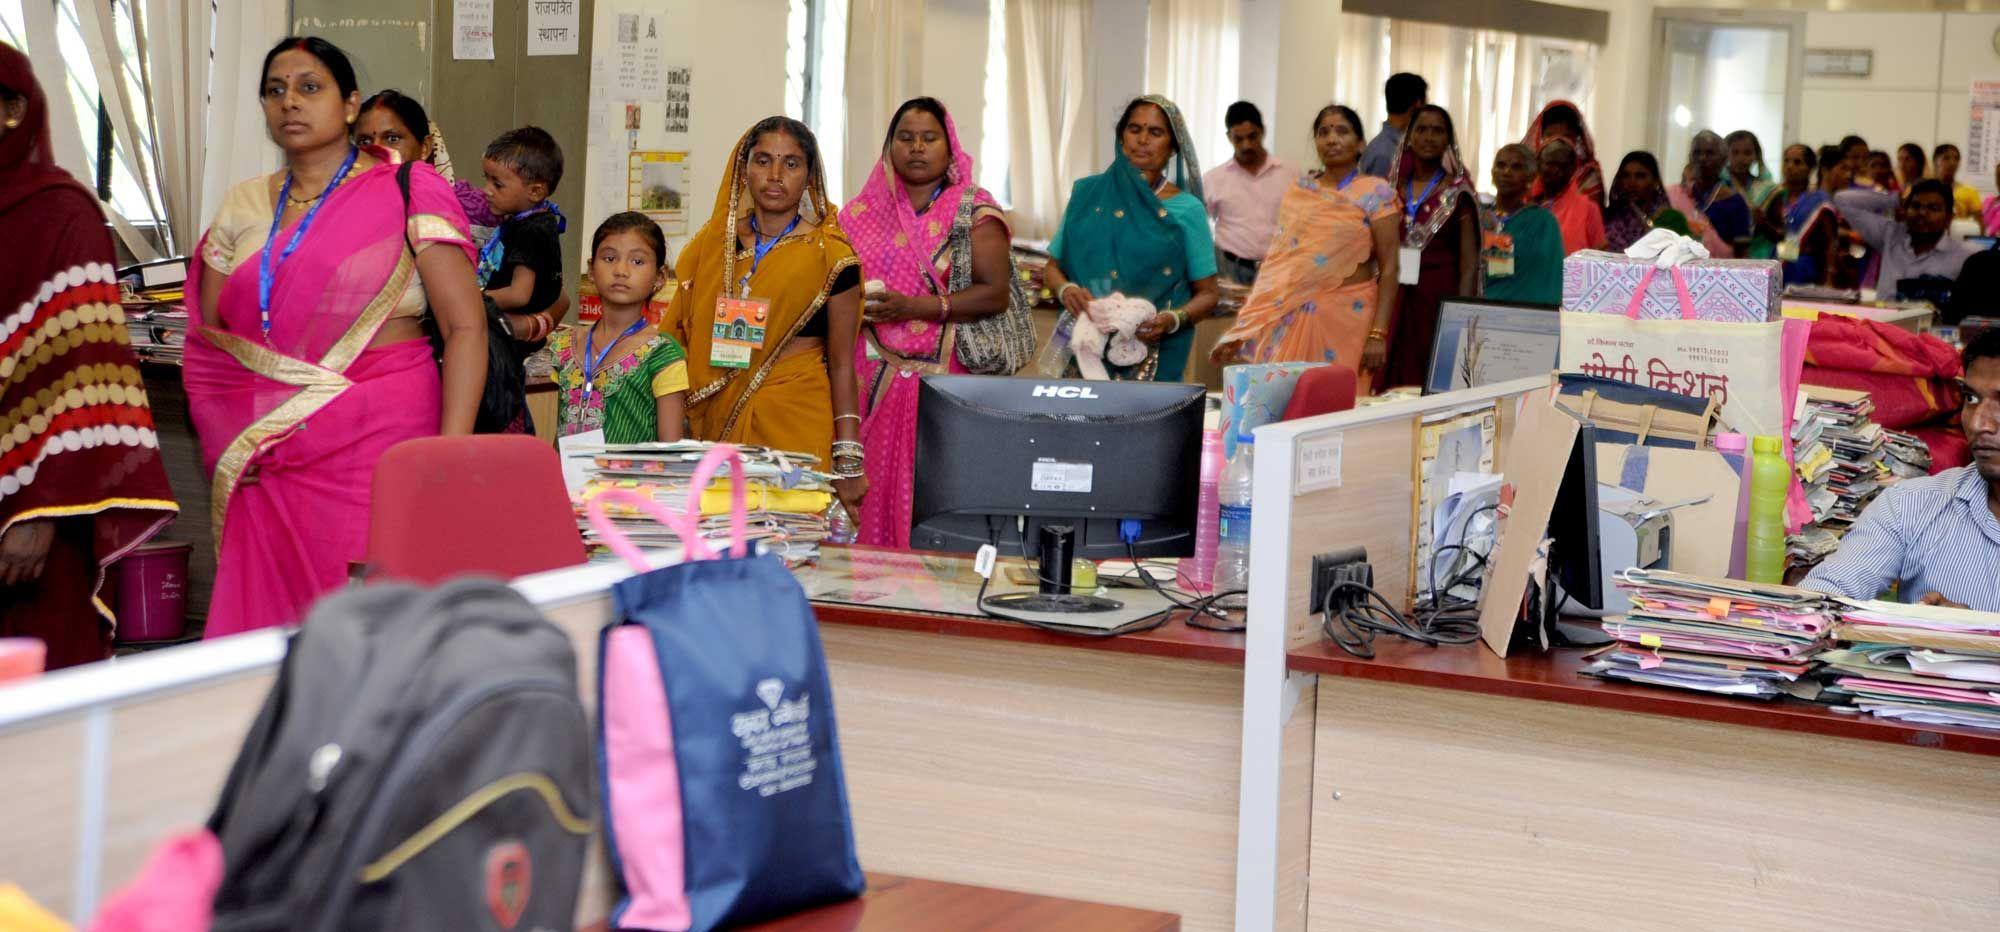 दुर्ग जिले के पंचायत प्रतिनिधियों ने मंत्रालय भवन पहुंचकर प्रशासनिक ब्लाक, सचिव ब्लाक का अवलोकन किया. मंत्रालय के रजिस्ट्रार श्री भगवान सिंह कुशवाहा ने उन्हें मंत्रालय में होने वाले कामकाज की जानकारी दी. प्रतिनिधियों ने मुख्यमंत्री डॉ. रमन सिंह का कक्ष भी देखा. परिसर में बने हरे-भरे गार्डन में बैठकर पंचायत प्रतिनिधियों ने तस्वीरें खिंचाई.